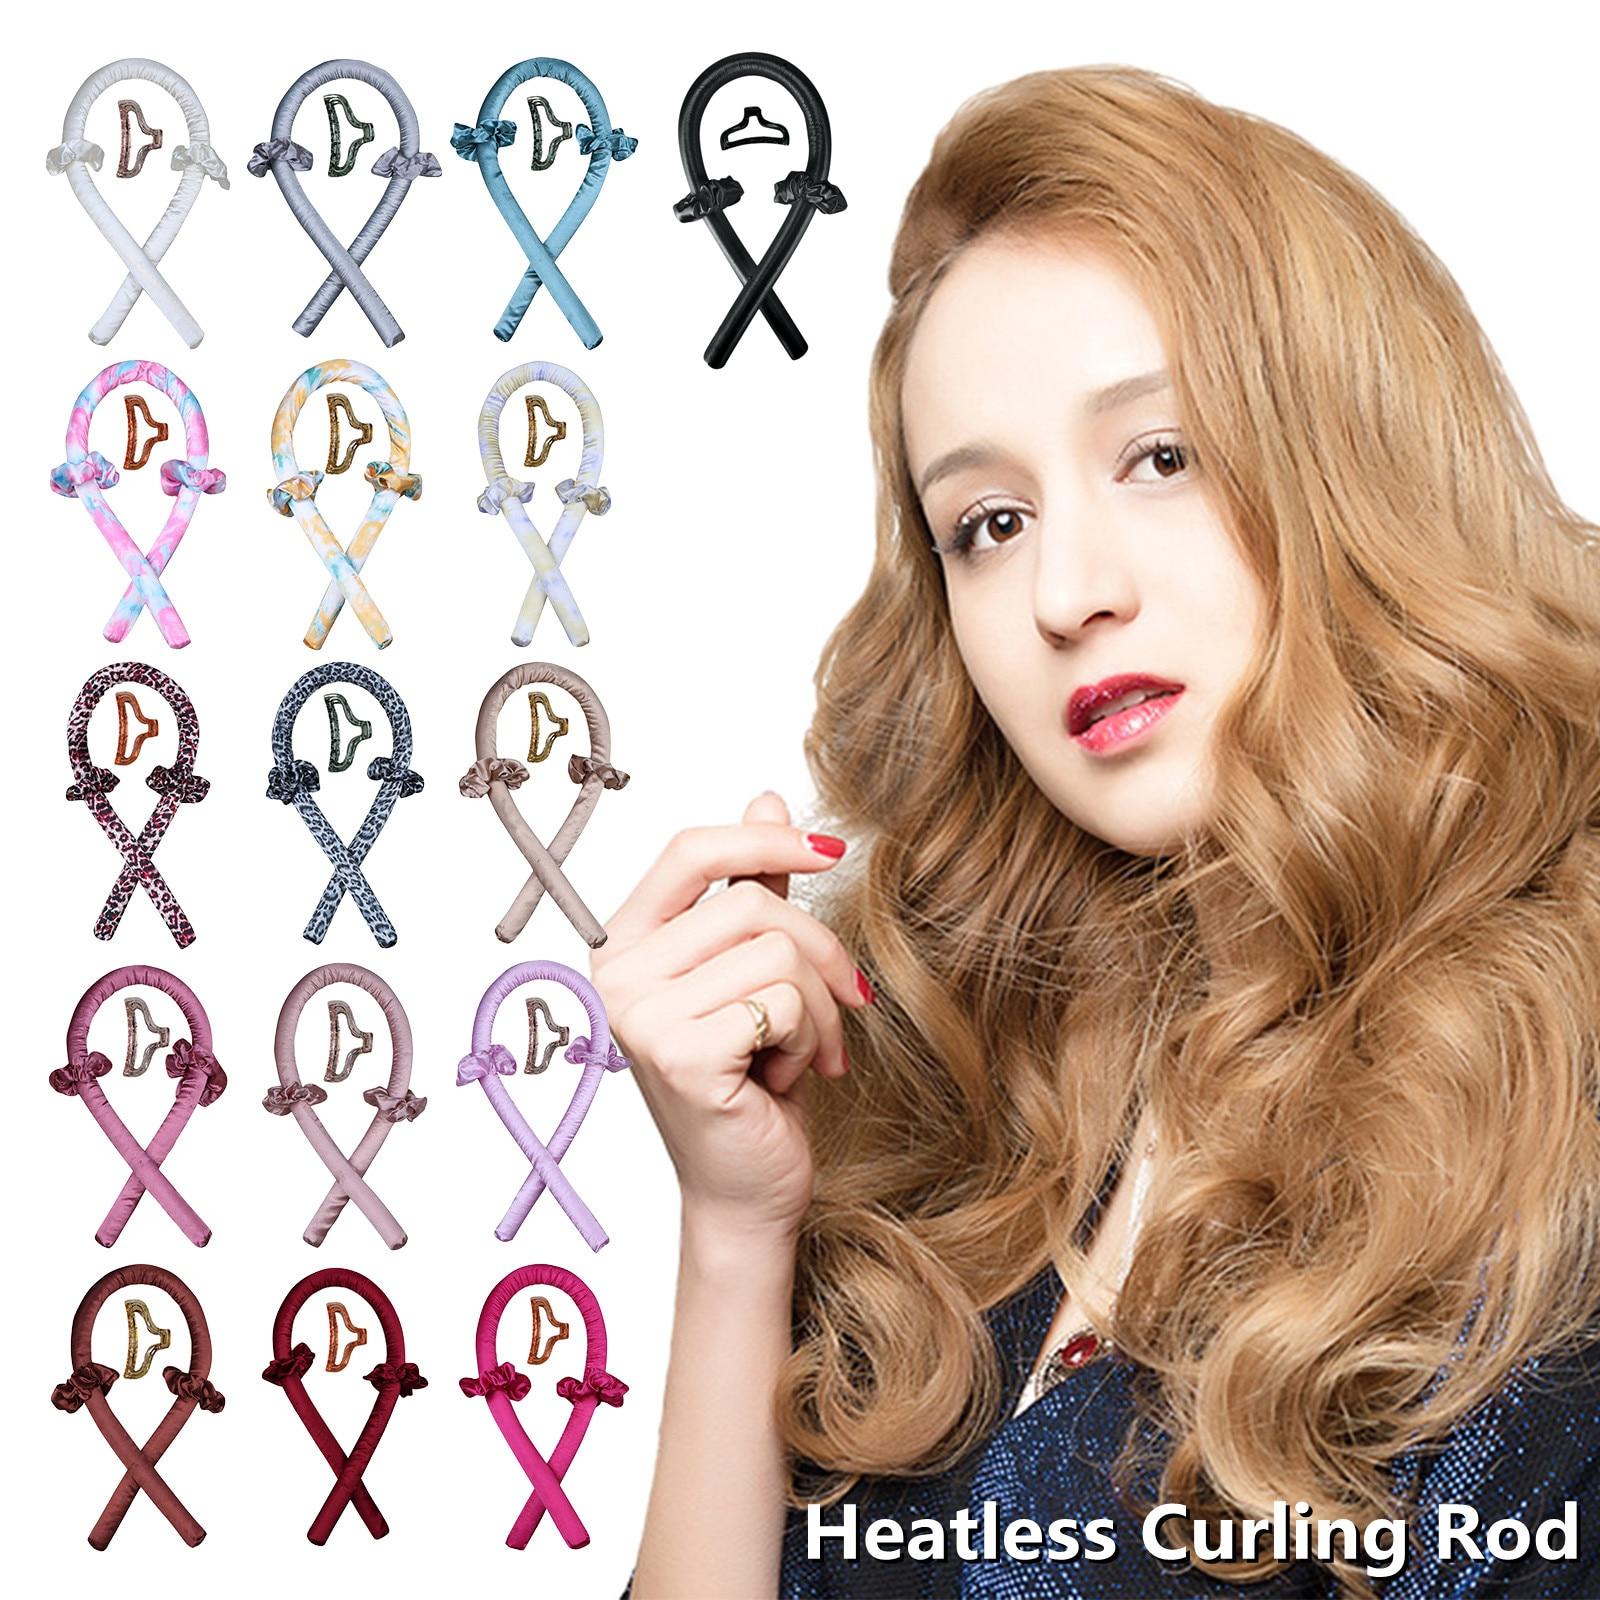 Щипцы для завивки волос без тепла, повязка на голову для создания мягких и блестящих волос, бигуди, парикмахерские инструменты, кудри для во...